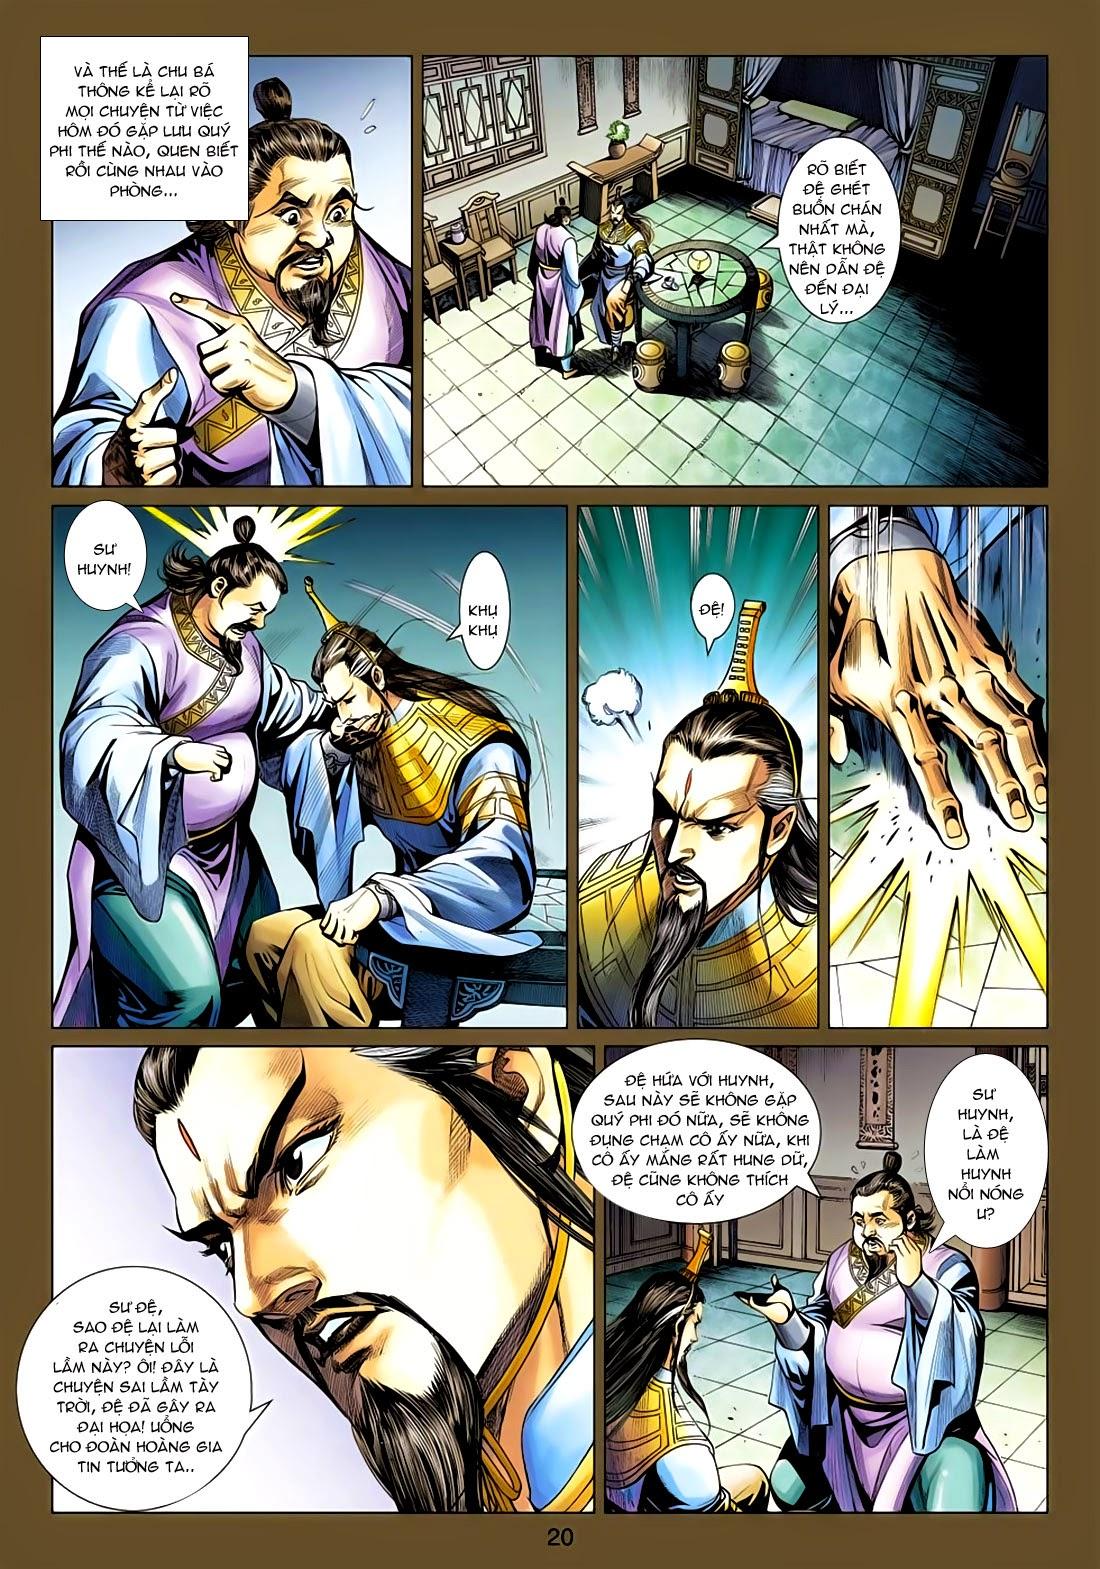 Anh Hùng Xạ Điêu anh hùng xạ đêu chap 77: thế thượng tối cường võ công trang 20